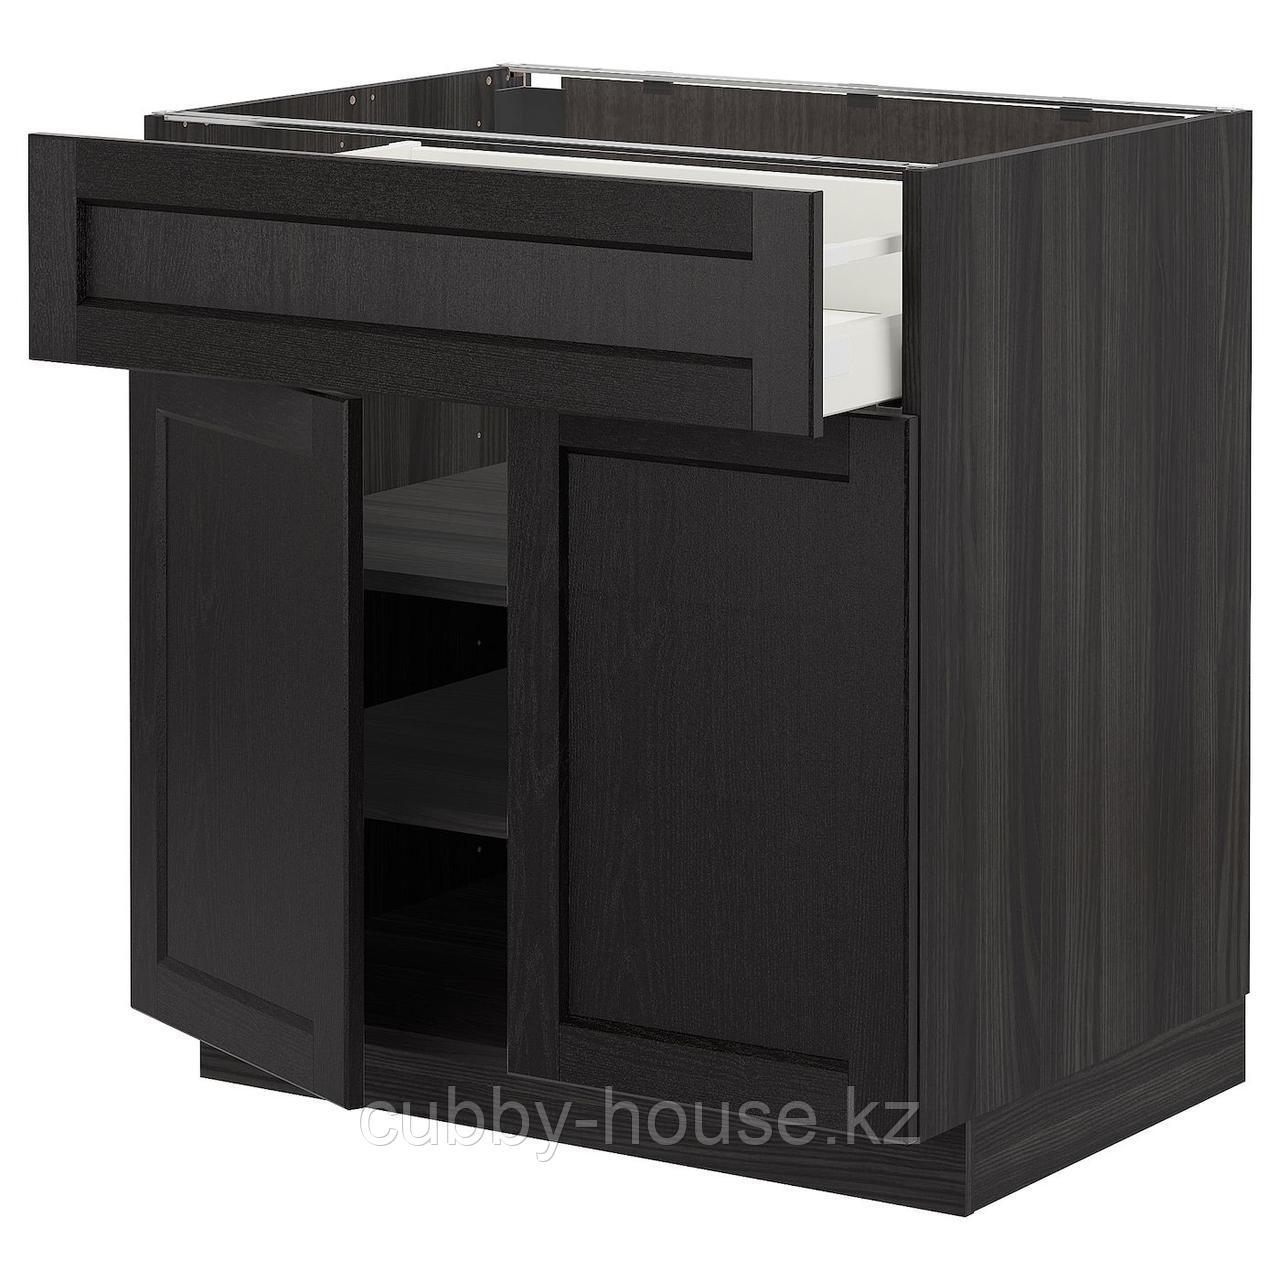 МЕТОД / МАКСИМЕРА Напольный шкаф+ящик/2дверцы, белый, Лерхюттан черная морилка, 80x60 см